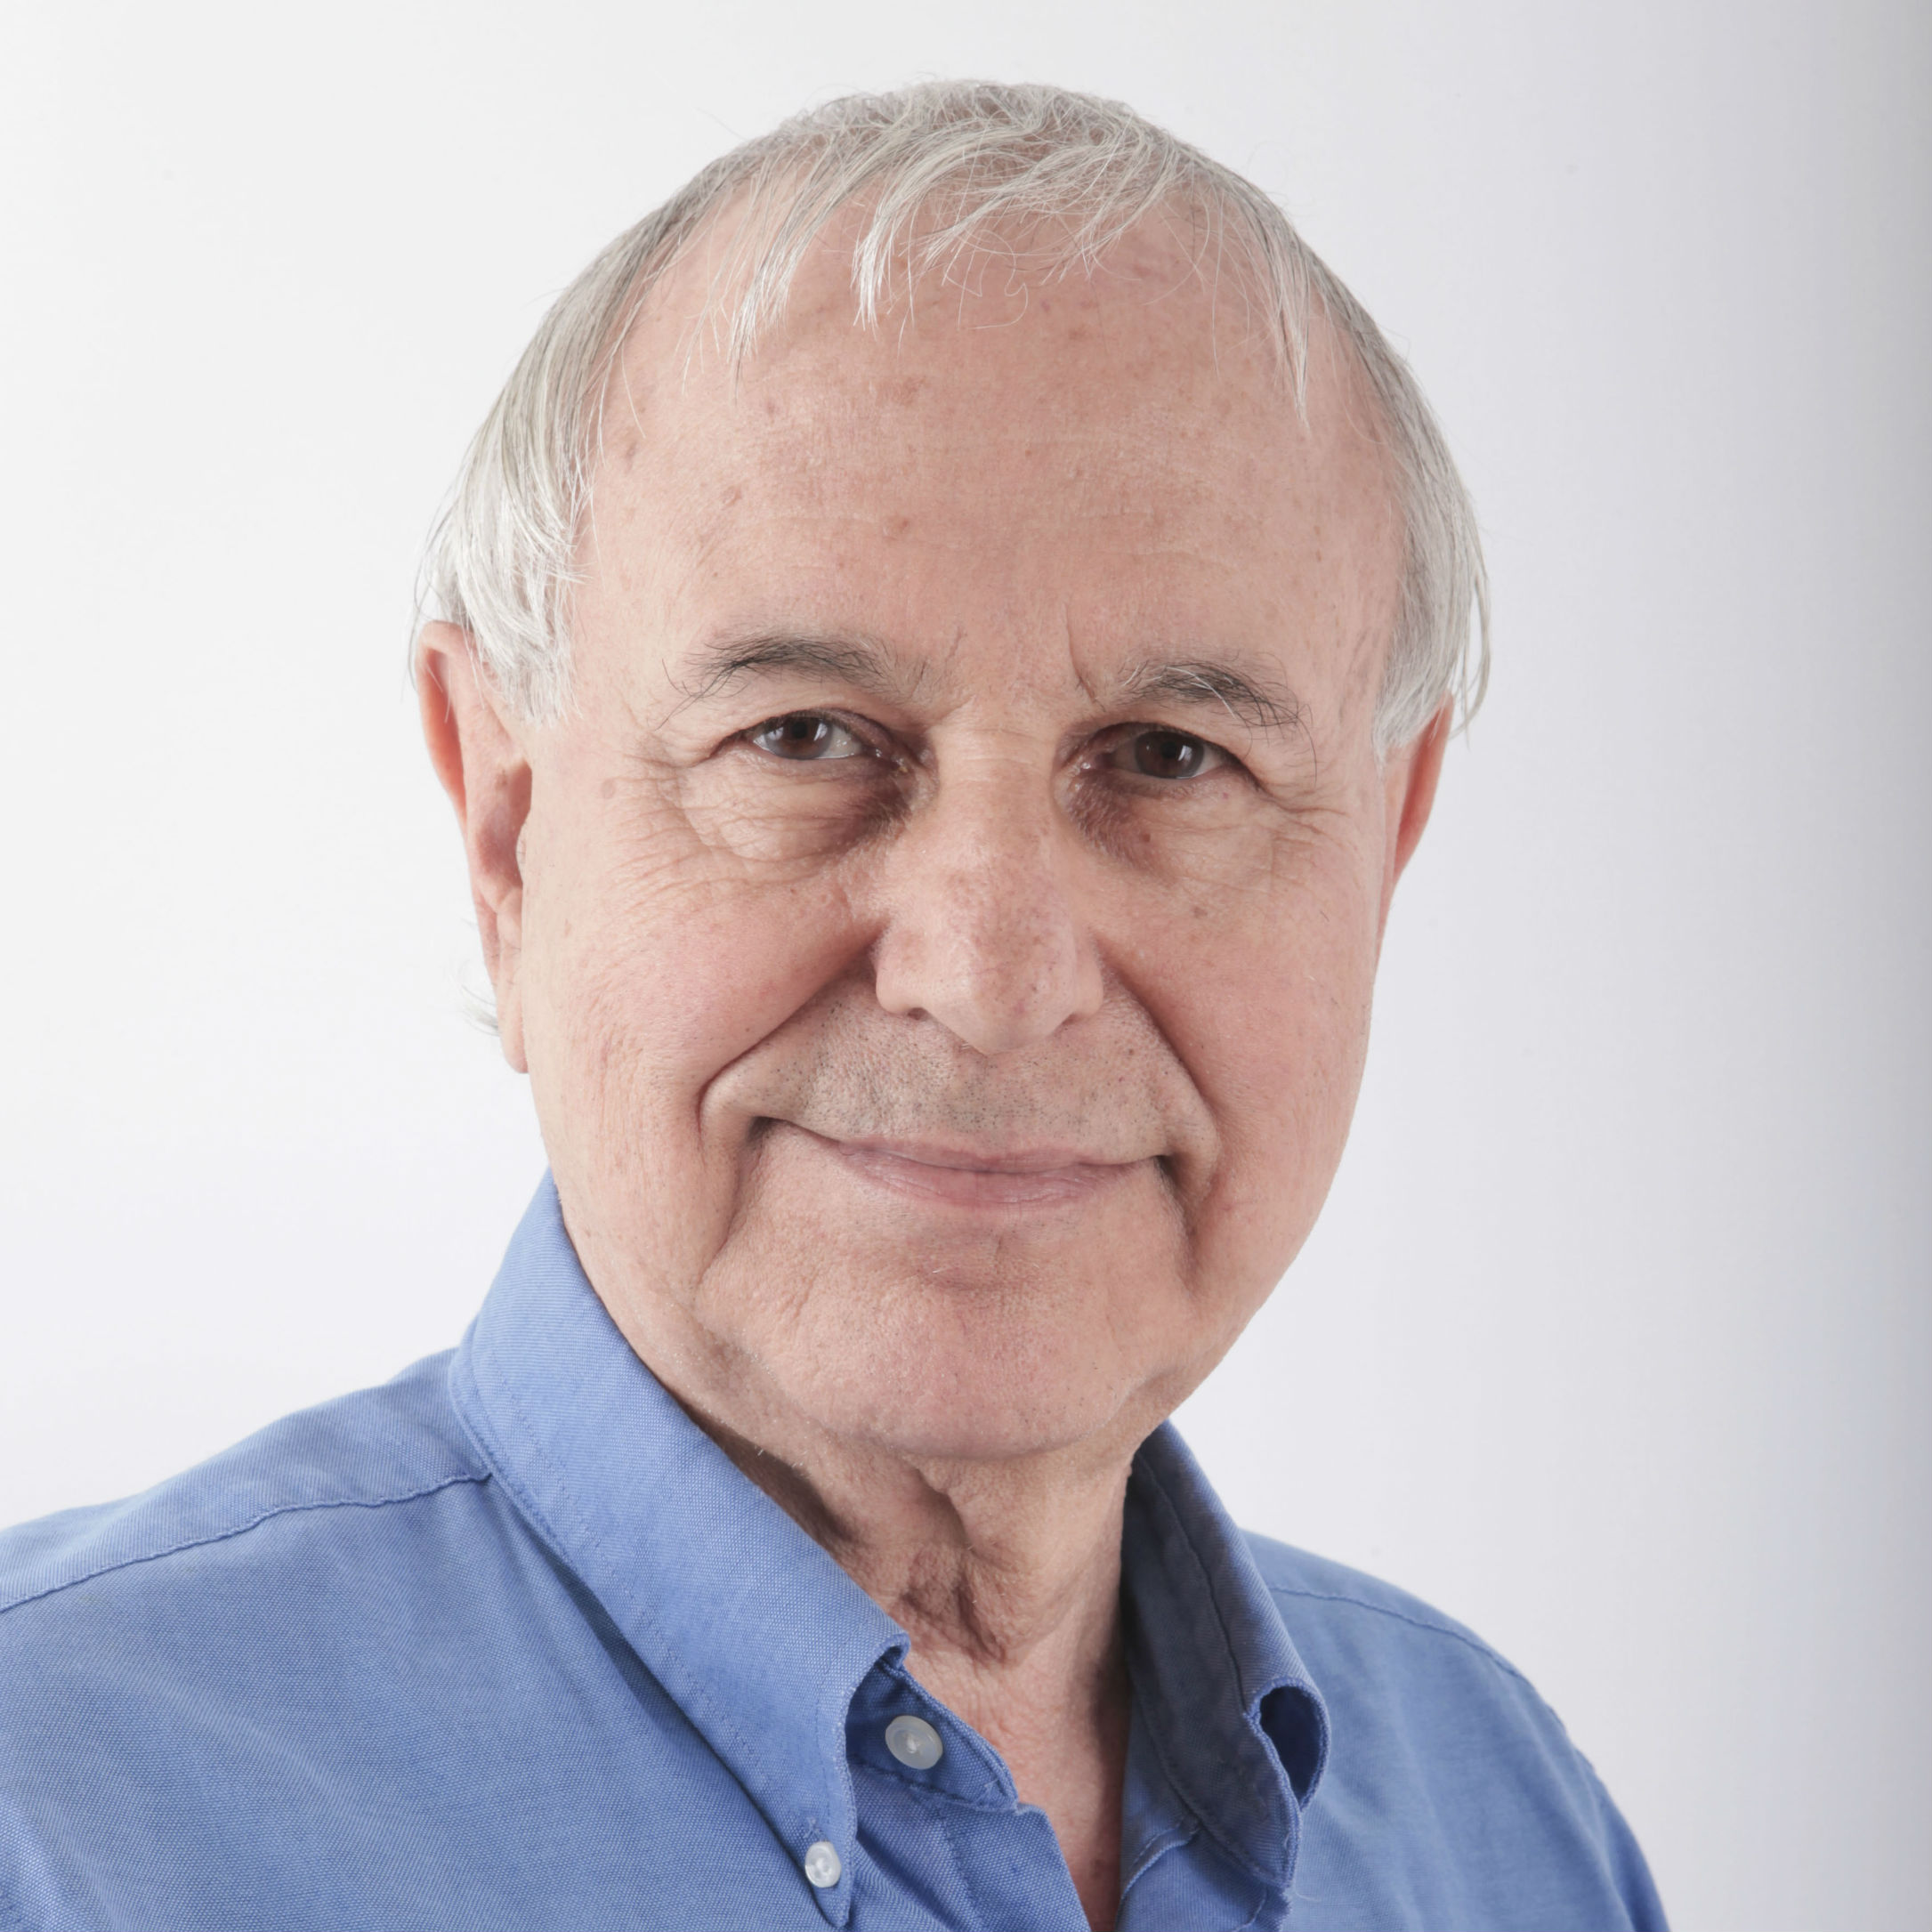 פרופ' דוד שמיידלר נבחר לחבר באקדמיה הלאומית הישראלית למדעים